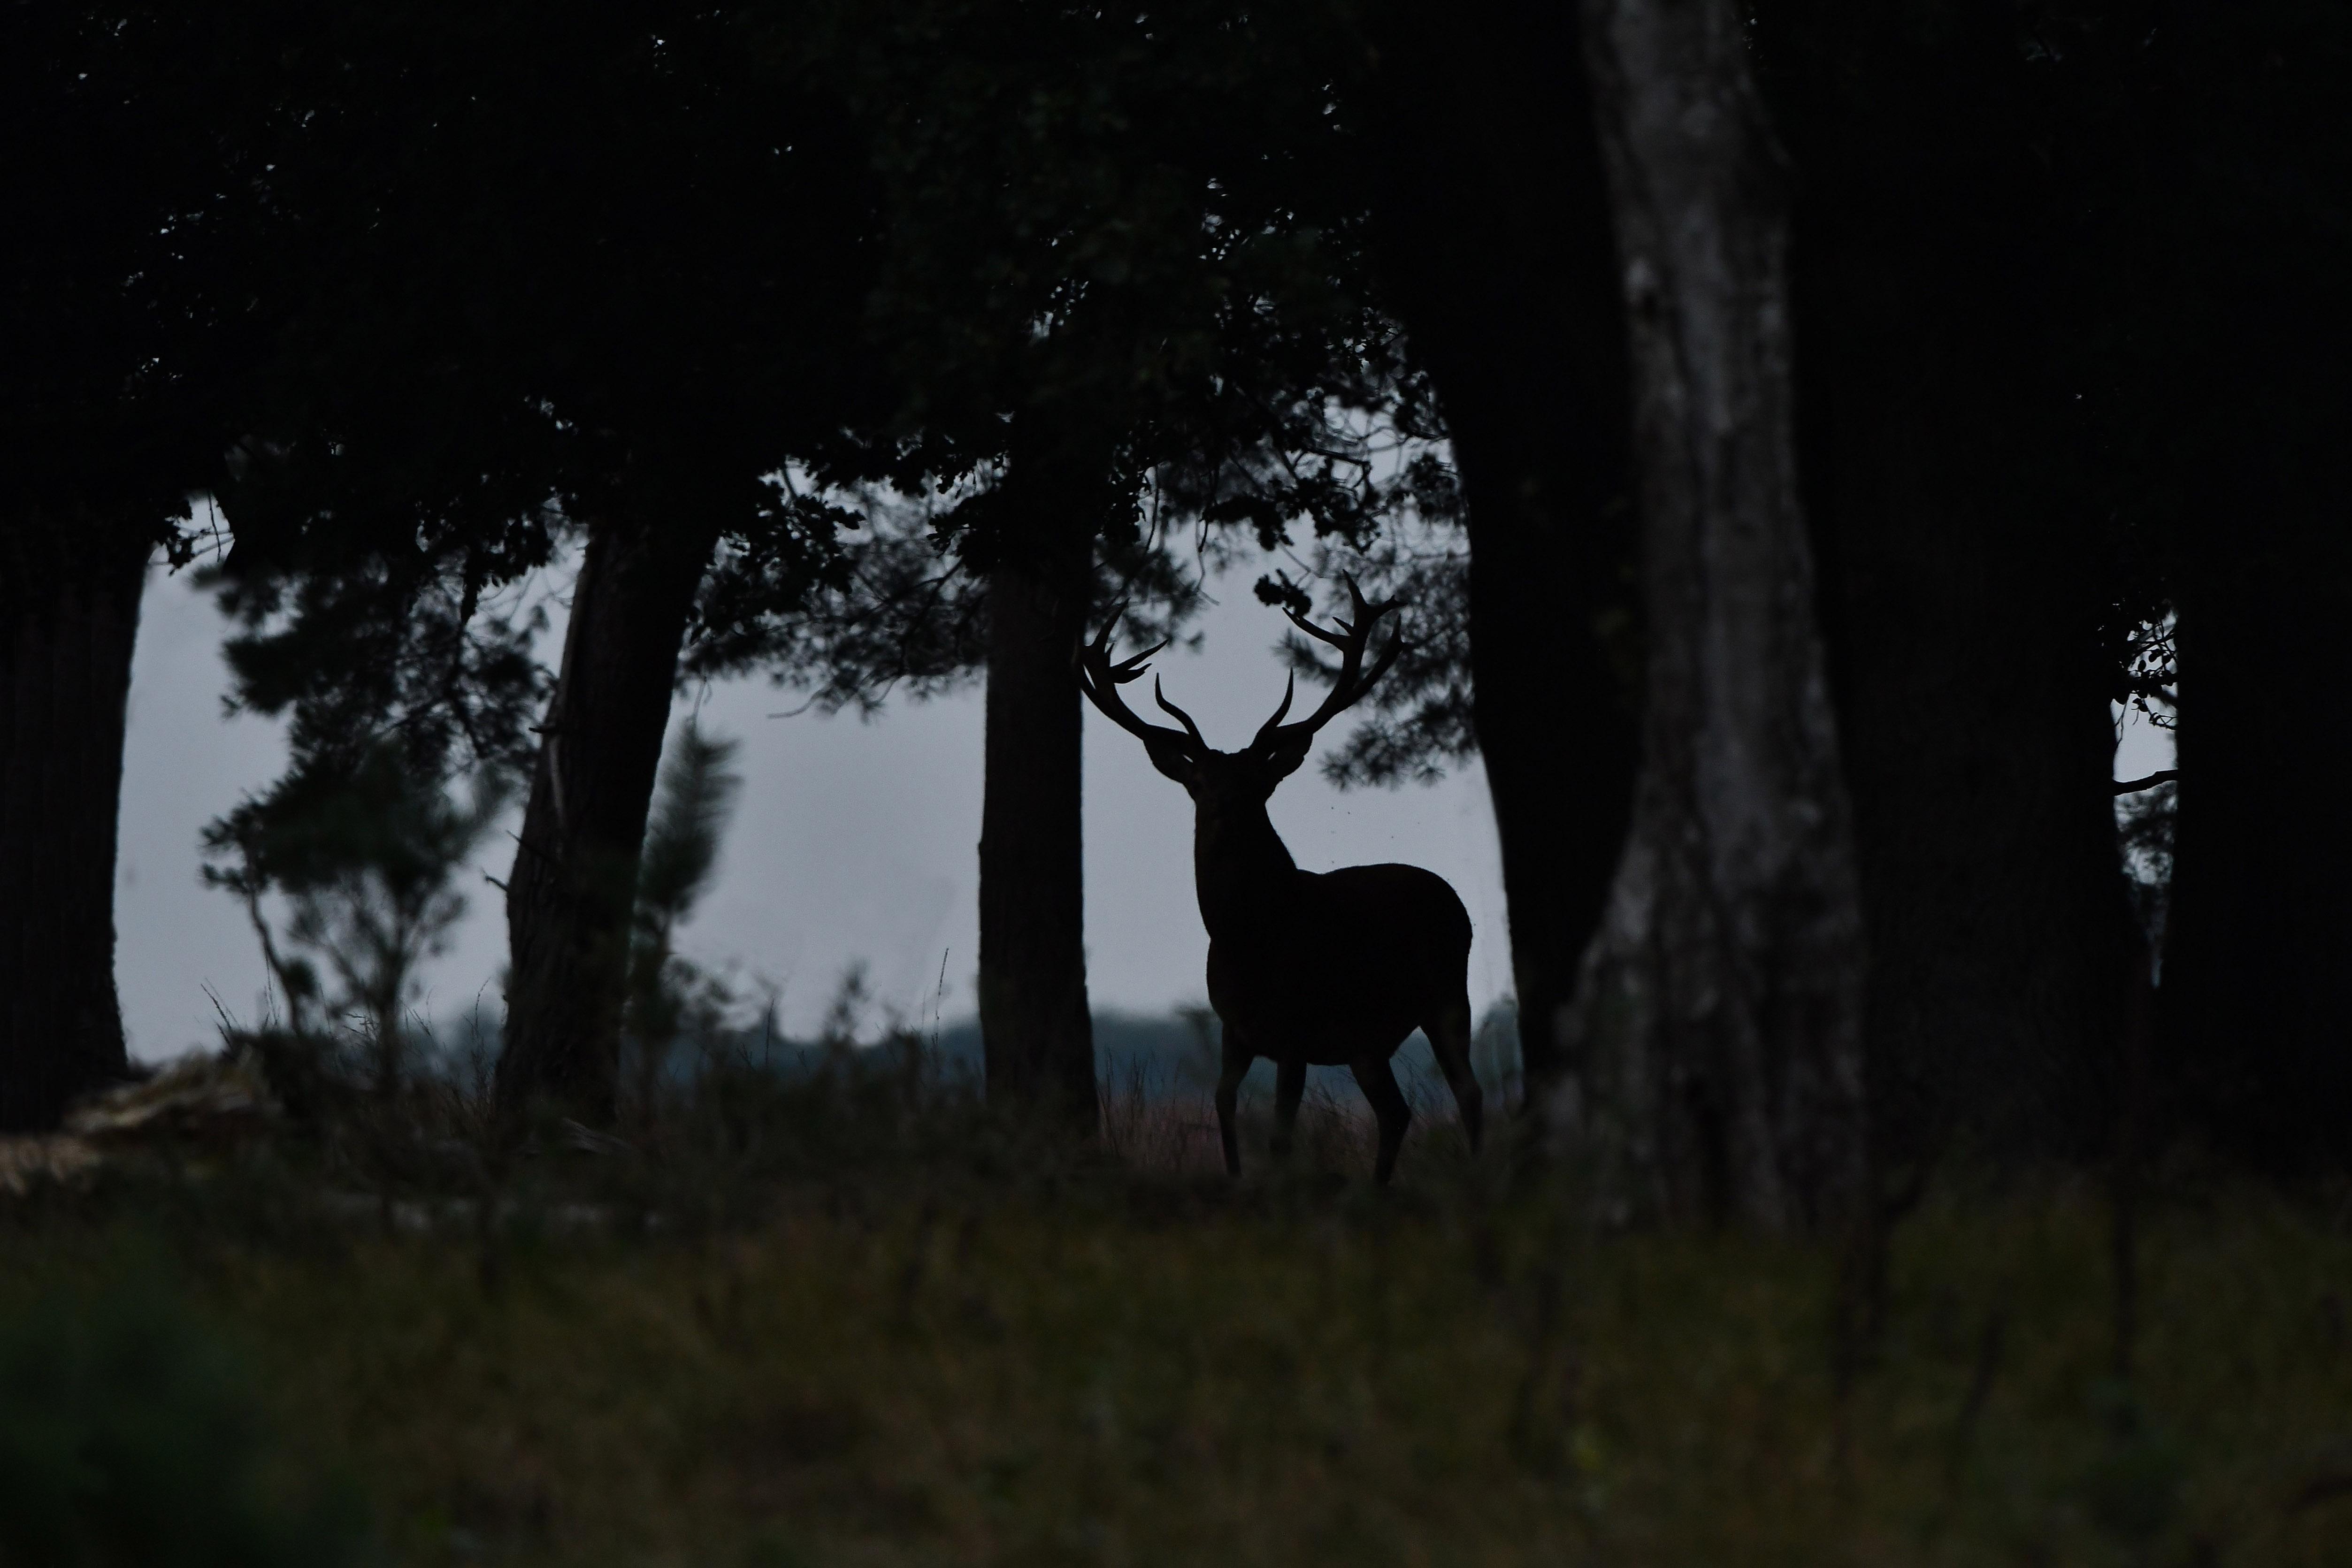 Het silhouet van de 22-ender tussen de bomen van het donkere bos – Foto: ©Louis Fraanje